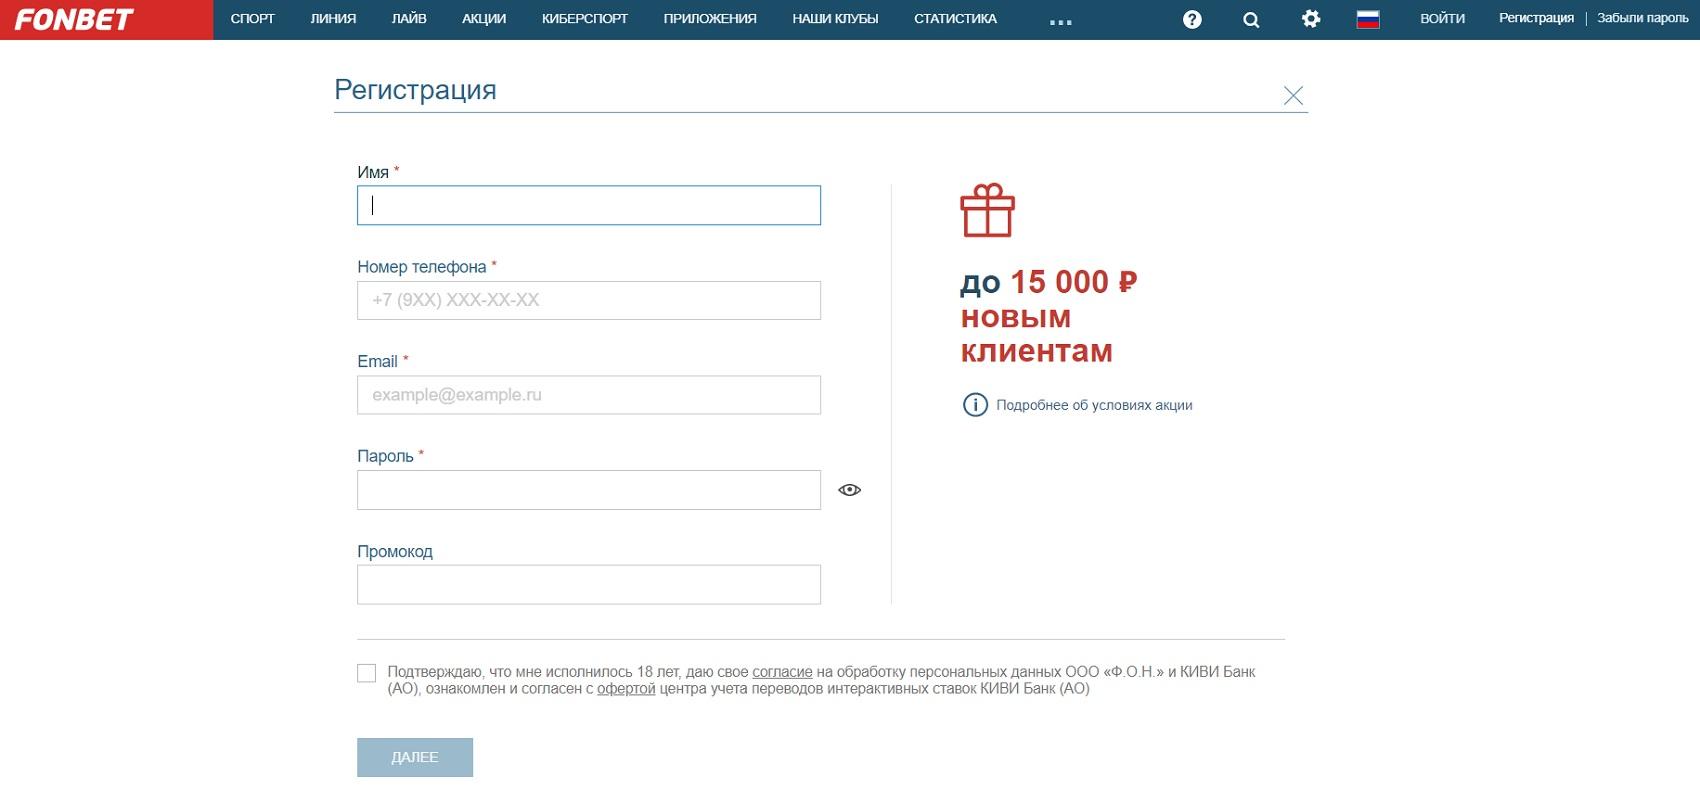 Регистррация в Фонбет